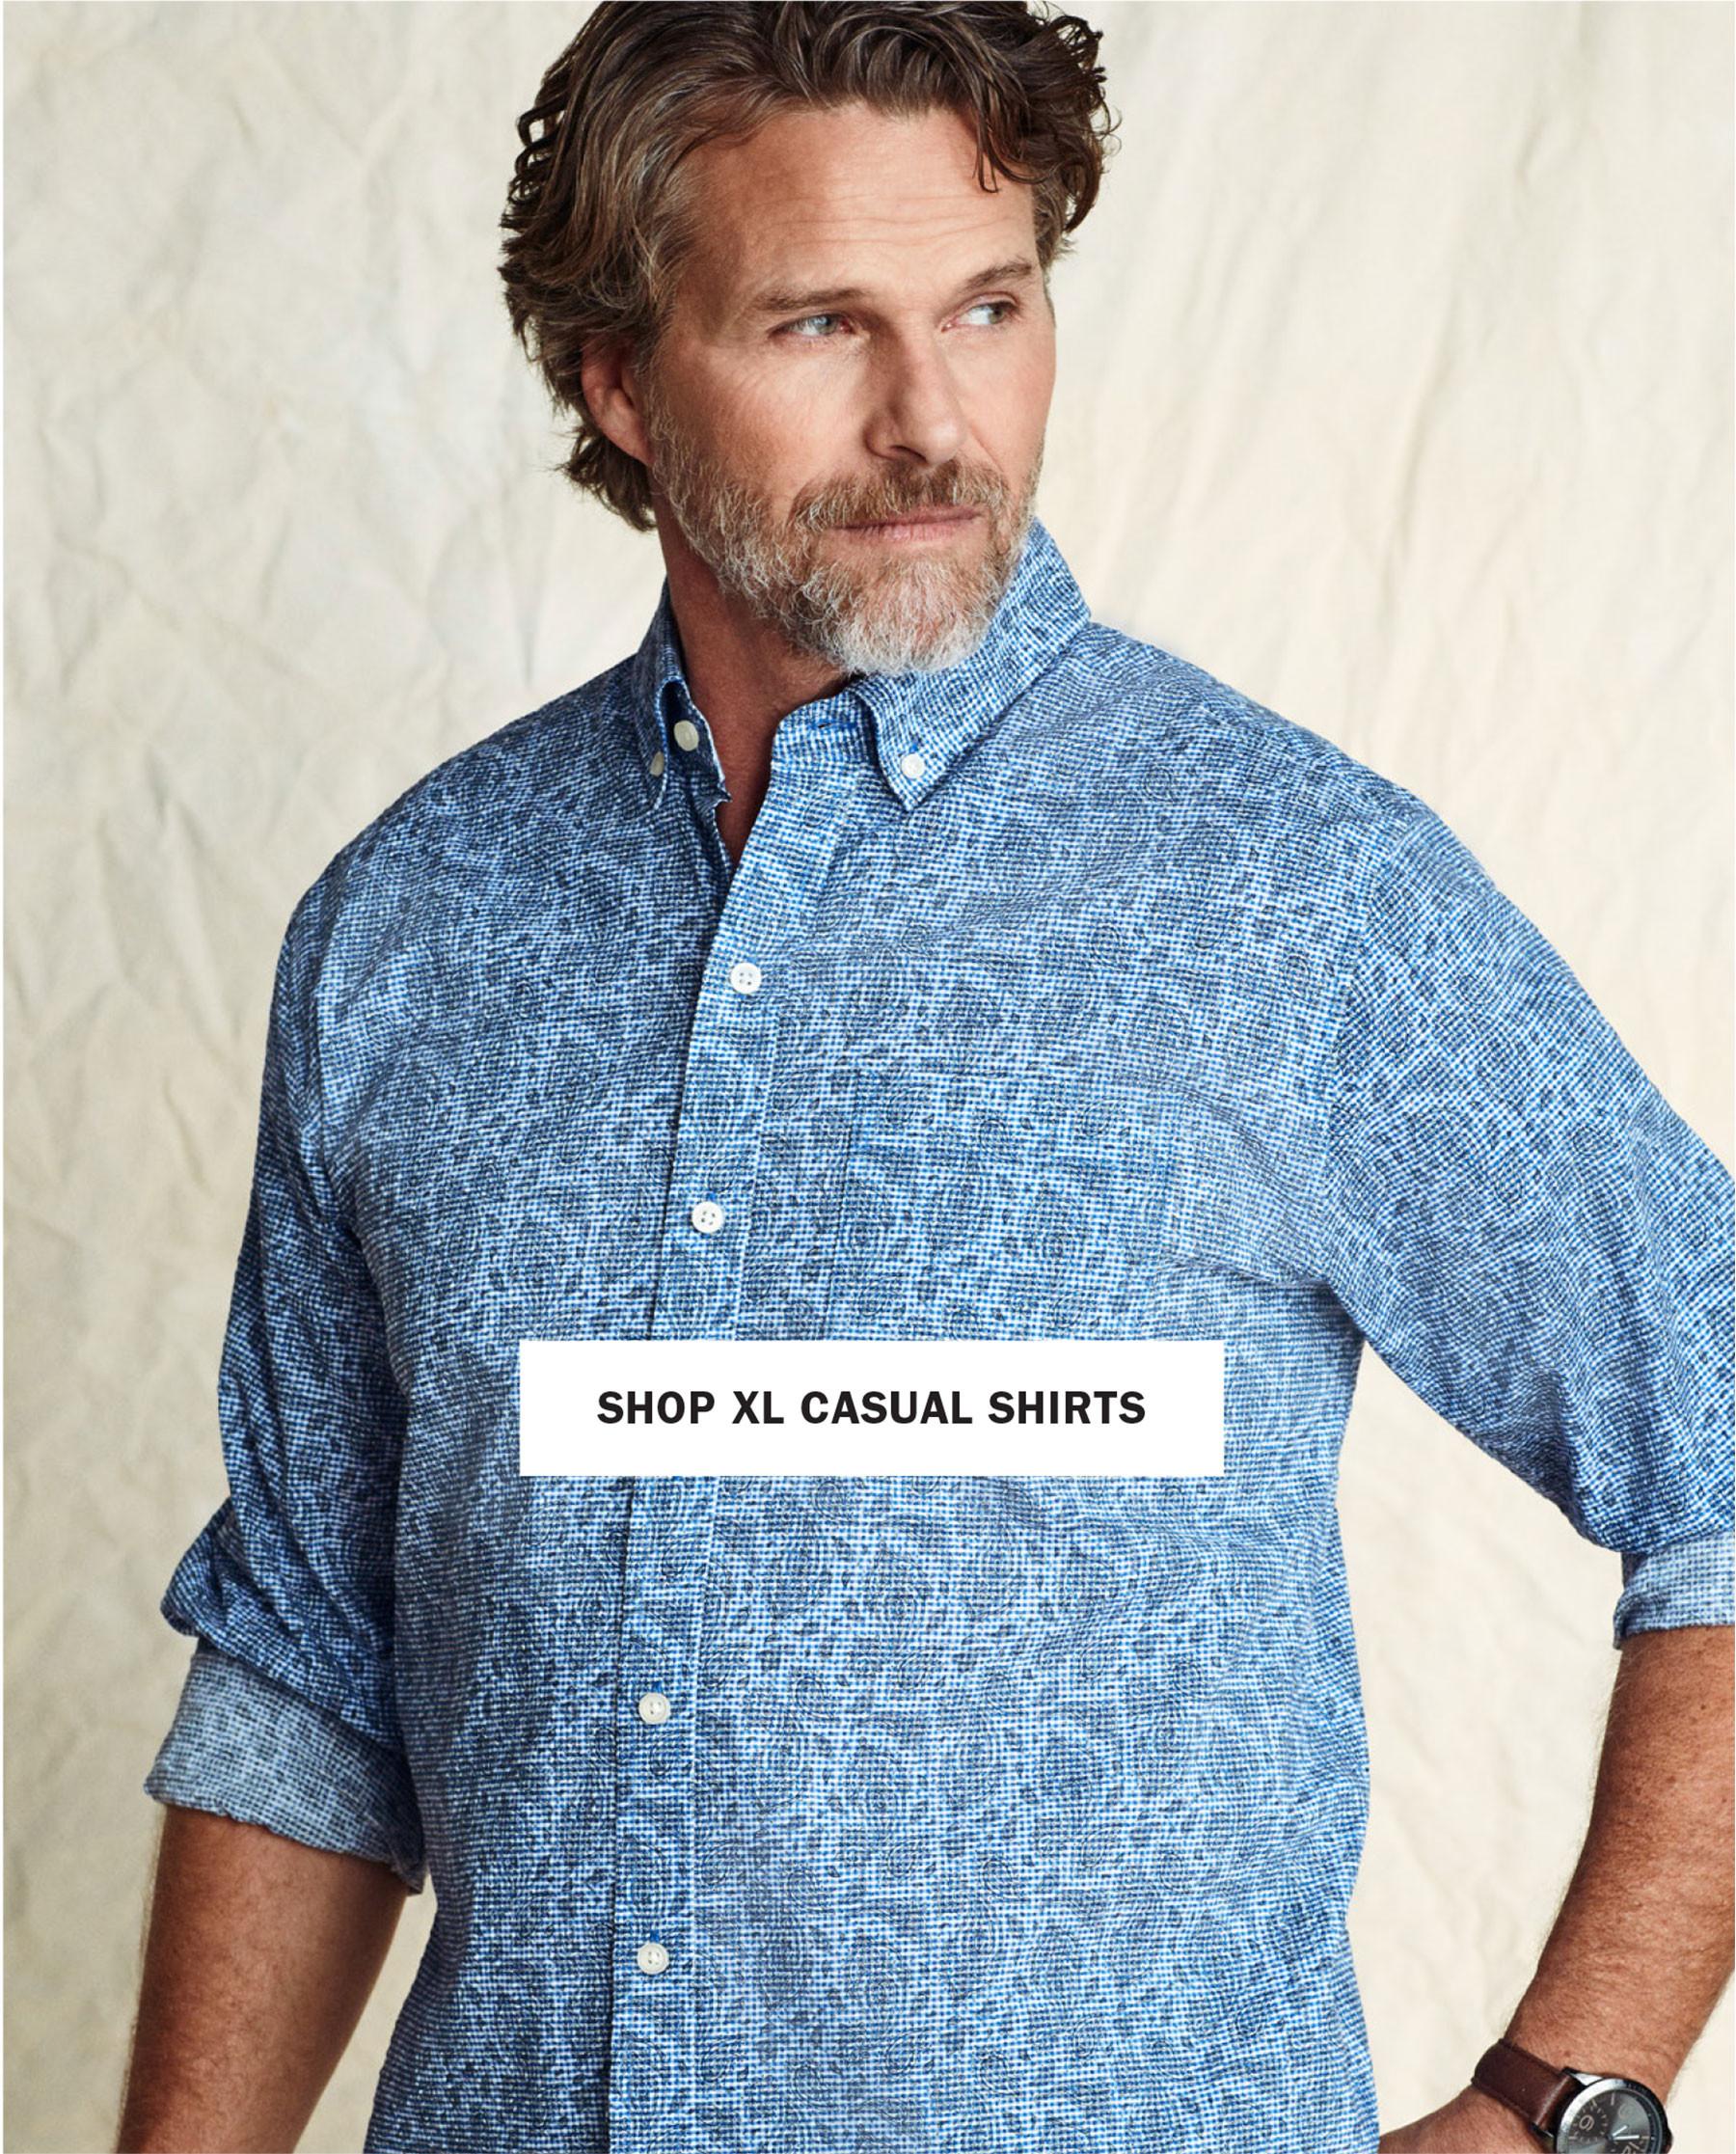 SHOP XL Casual Shirts